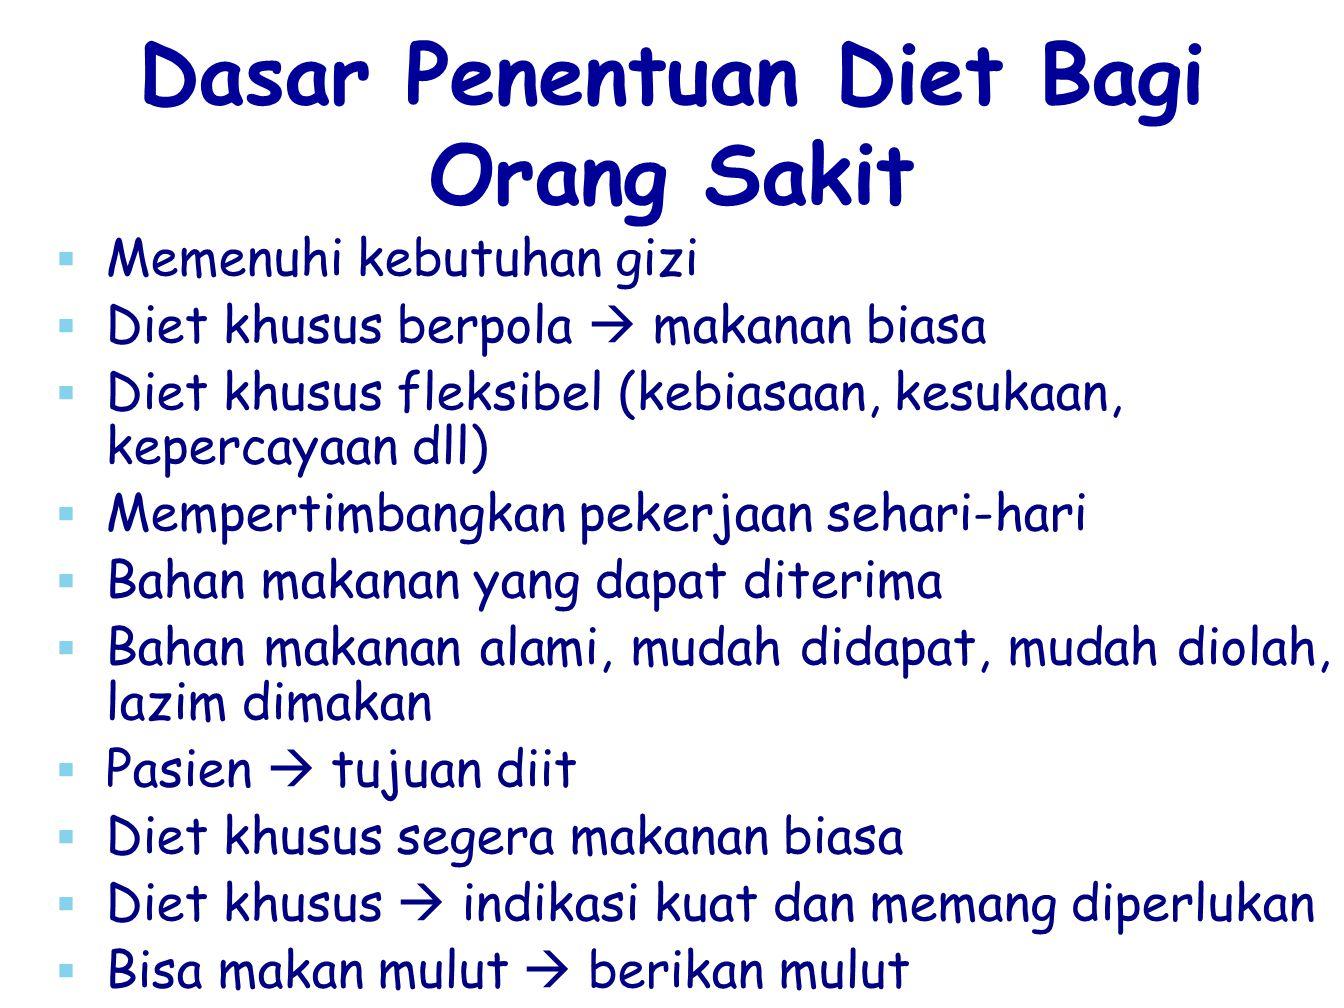 Dasar Penentuan Diet Bagi Orang Sakit   Memenuhi kebutuhan gizi   Diet khusus berpola  makanan biasa   Diet khusus fleksibel (kebiasaan, kesuka